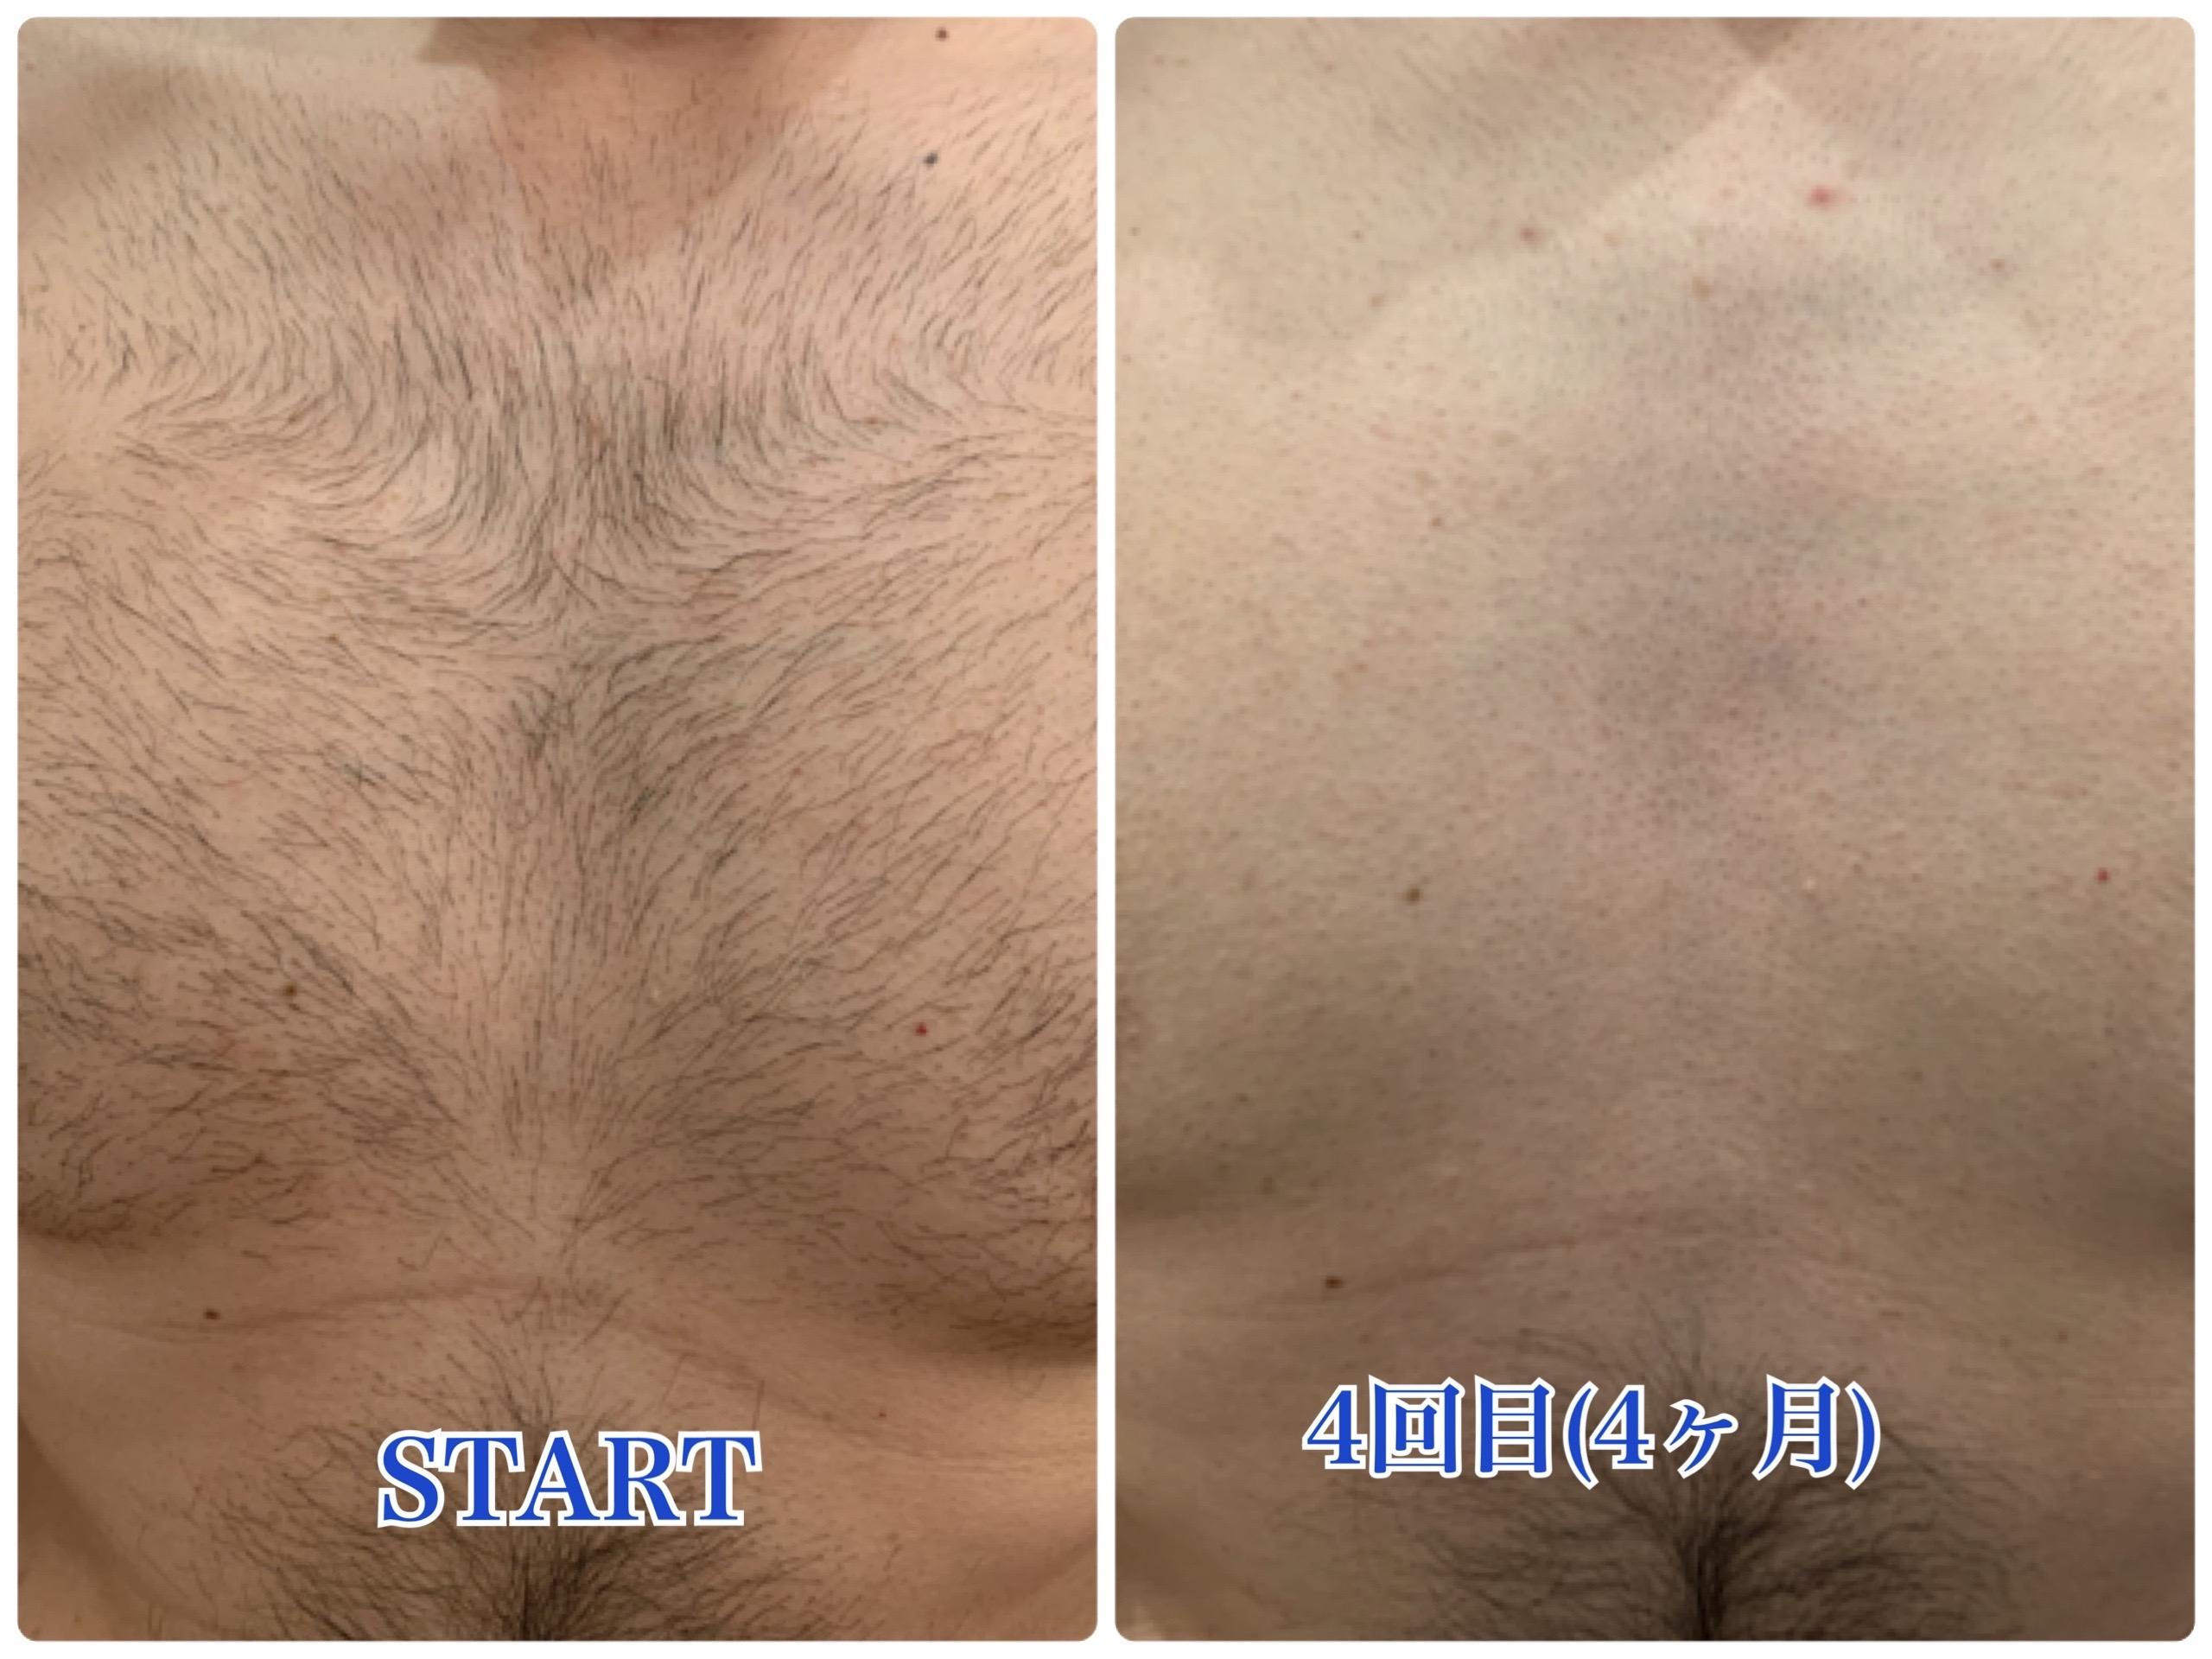 胸毛脱毛症例(4回)